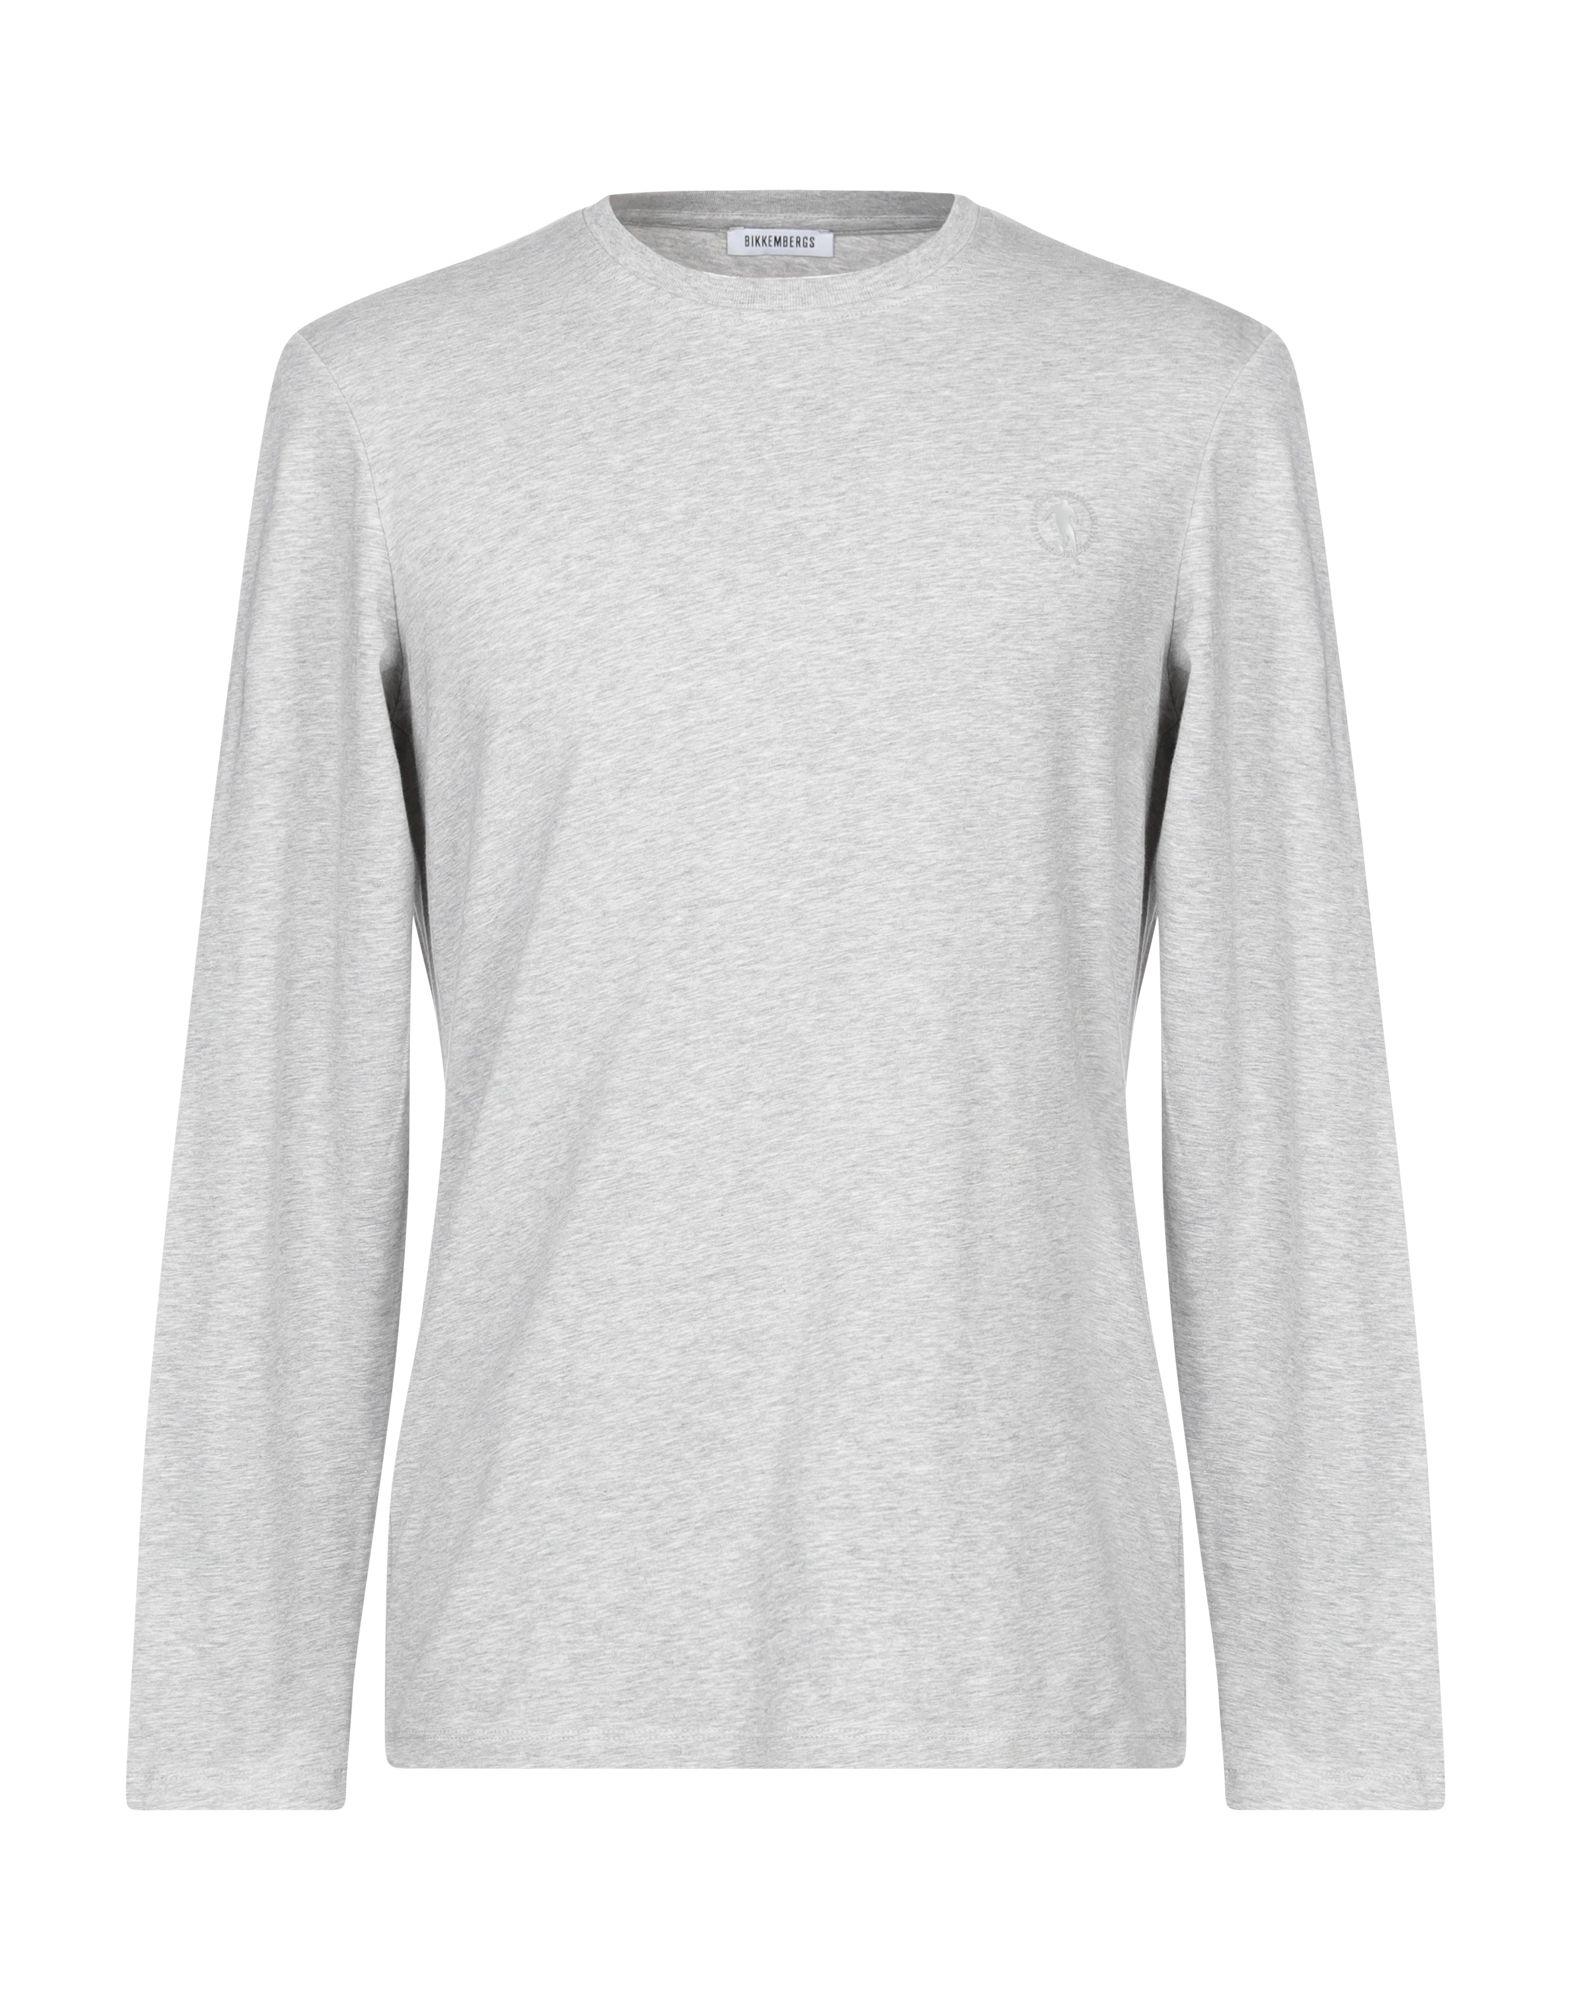 T-Shirt Bikkembergs uomo uomo uomo - 12316347UU 9e6